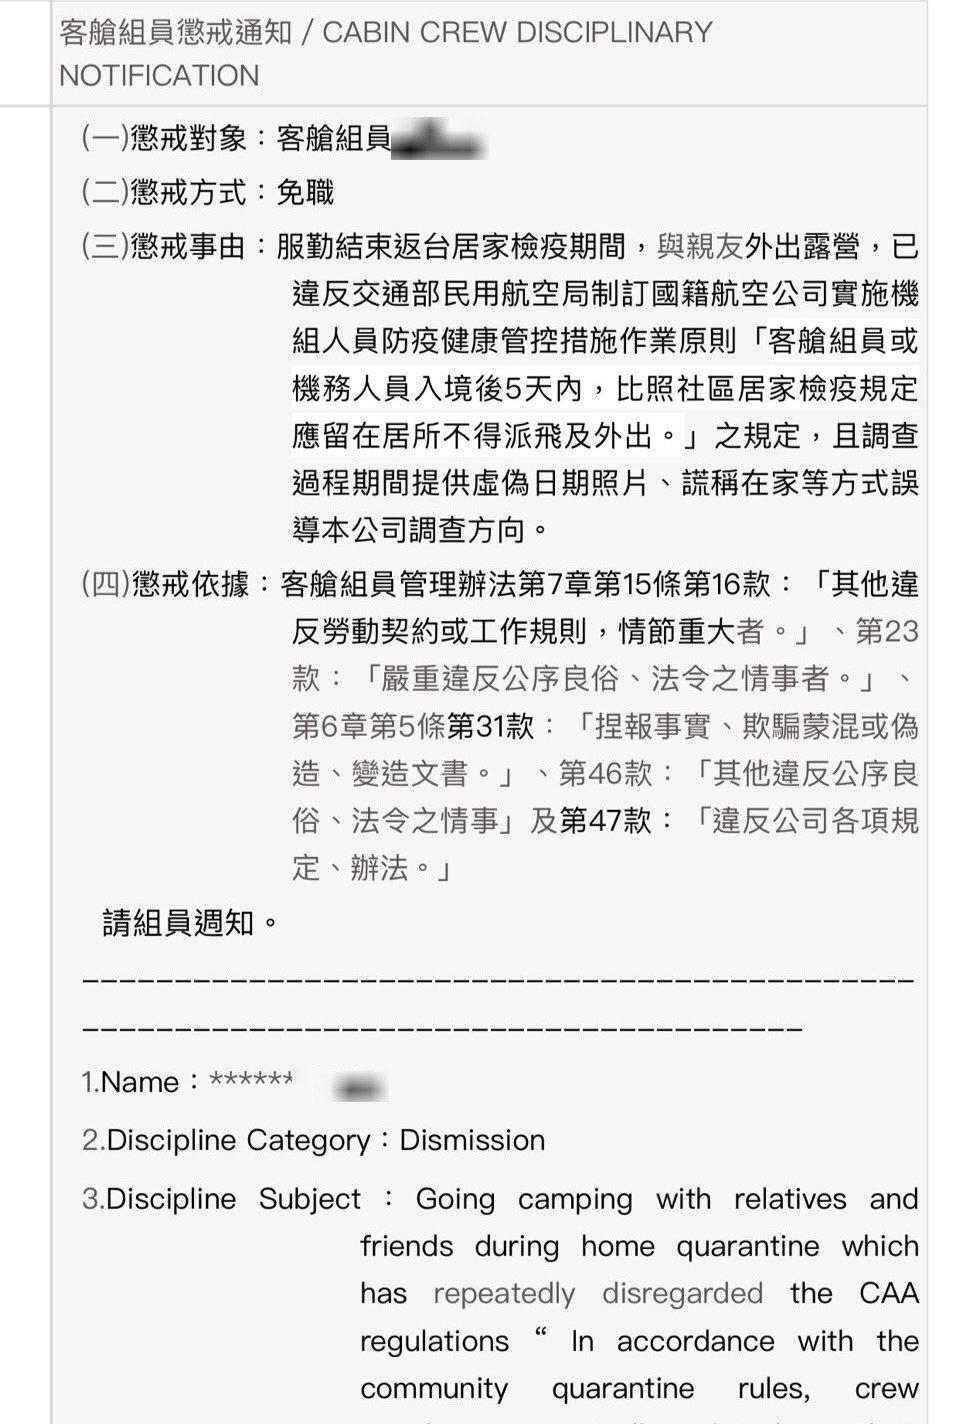 12月2日長榮客艙組員遭免職懲戒事由。圖/讀者提供